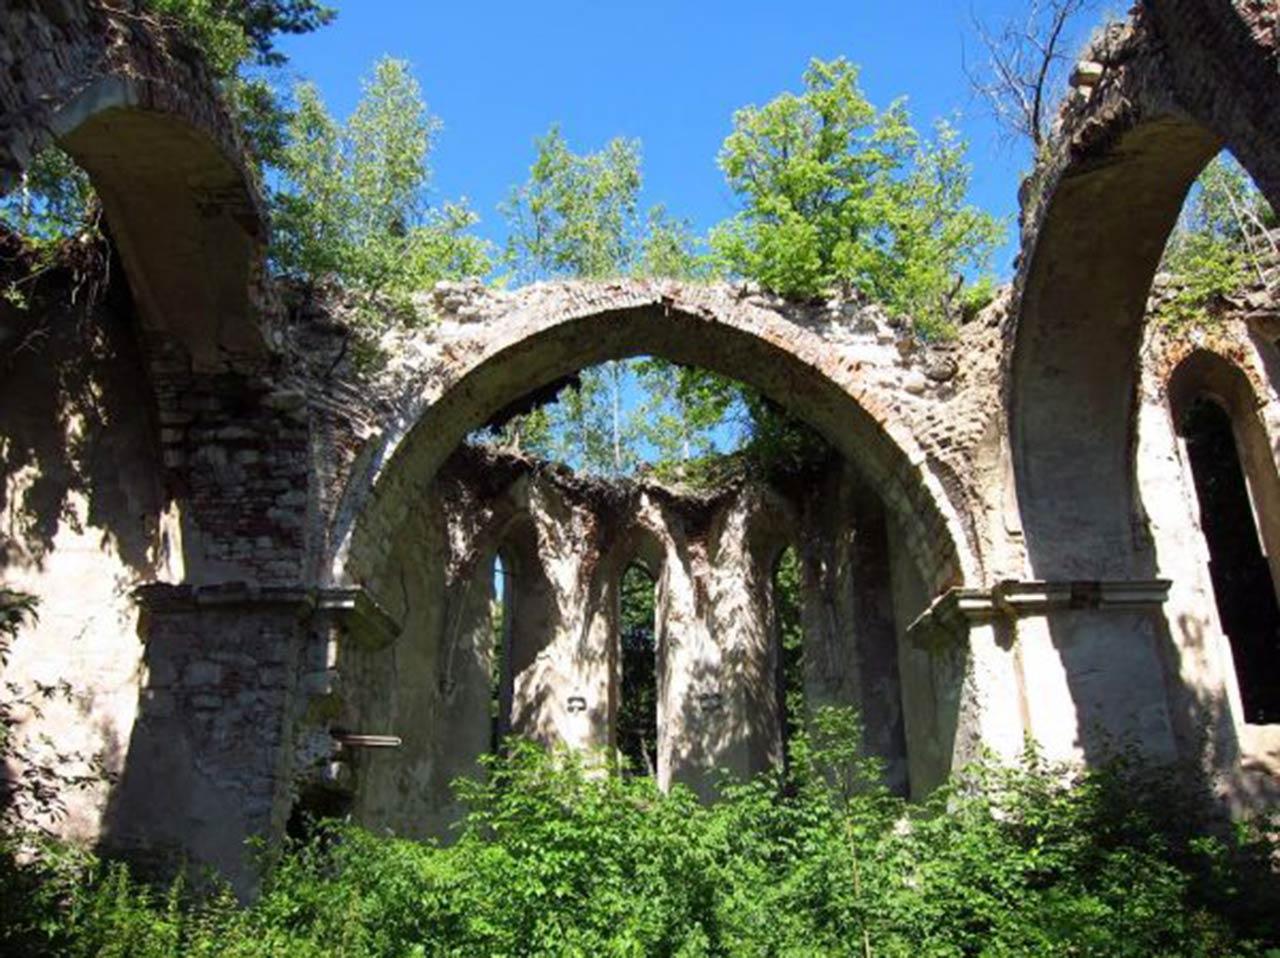 Kościół Św. Antoniego w Załoźcach. Źródło: iloveukraine.com.ua